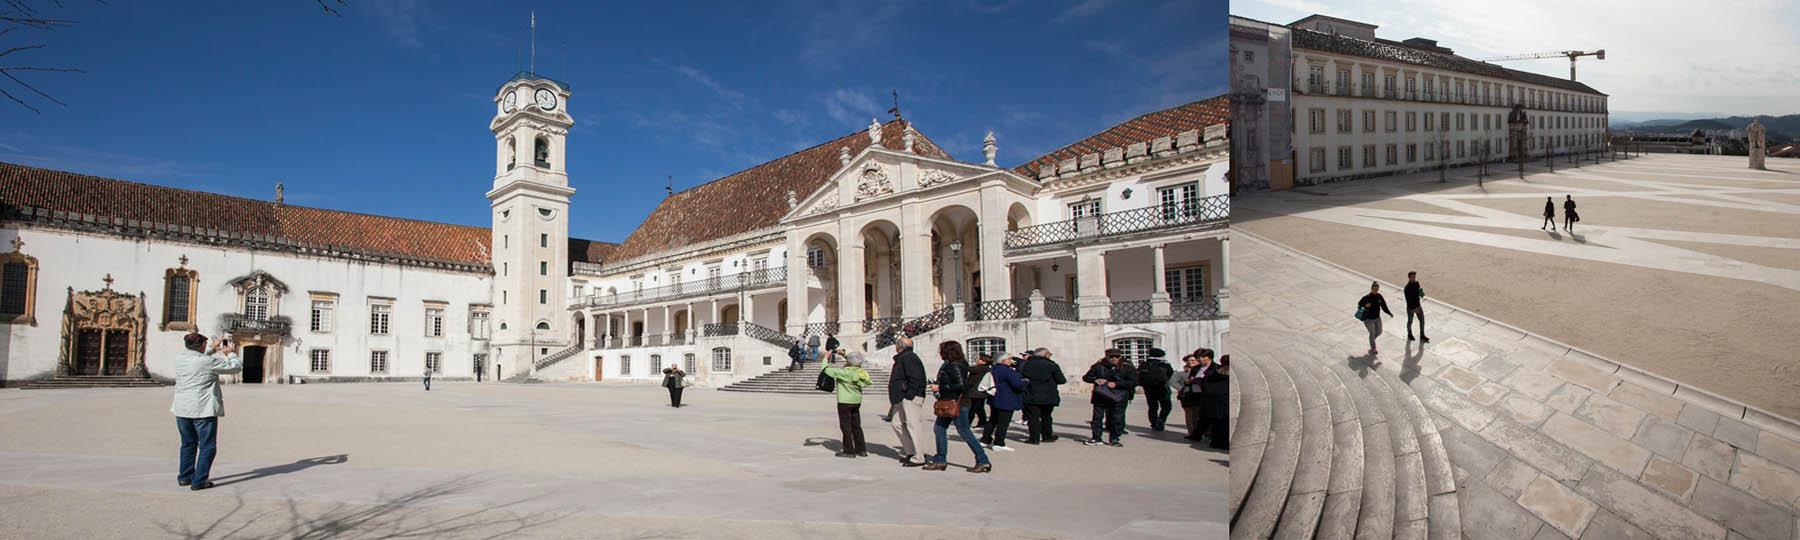 Universidade de Coimbra1